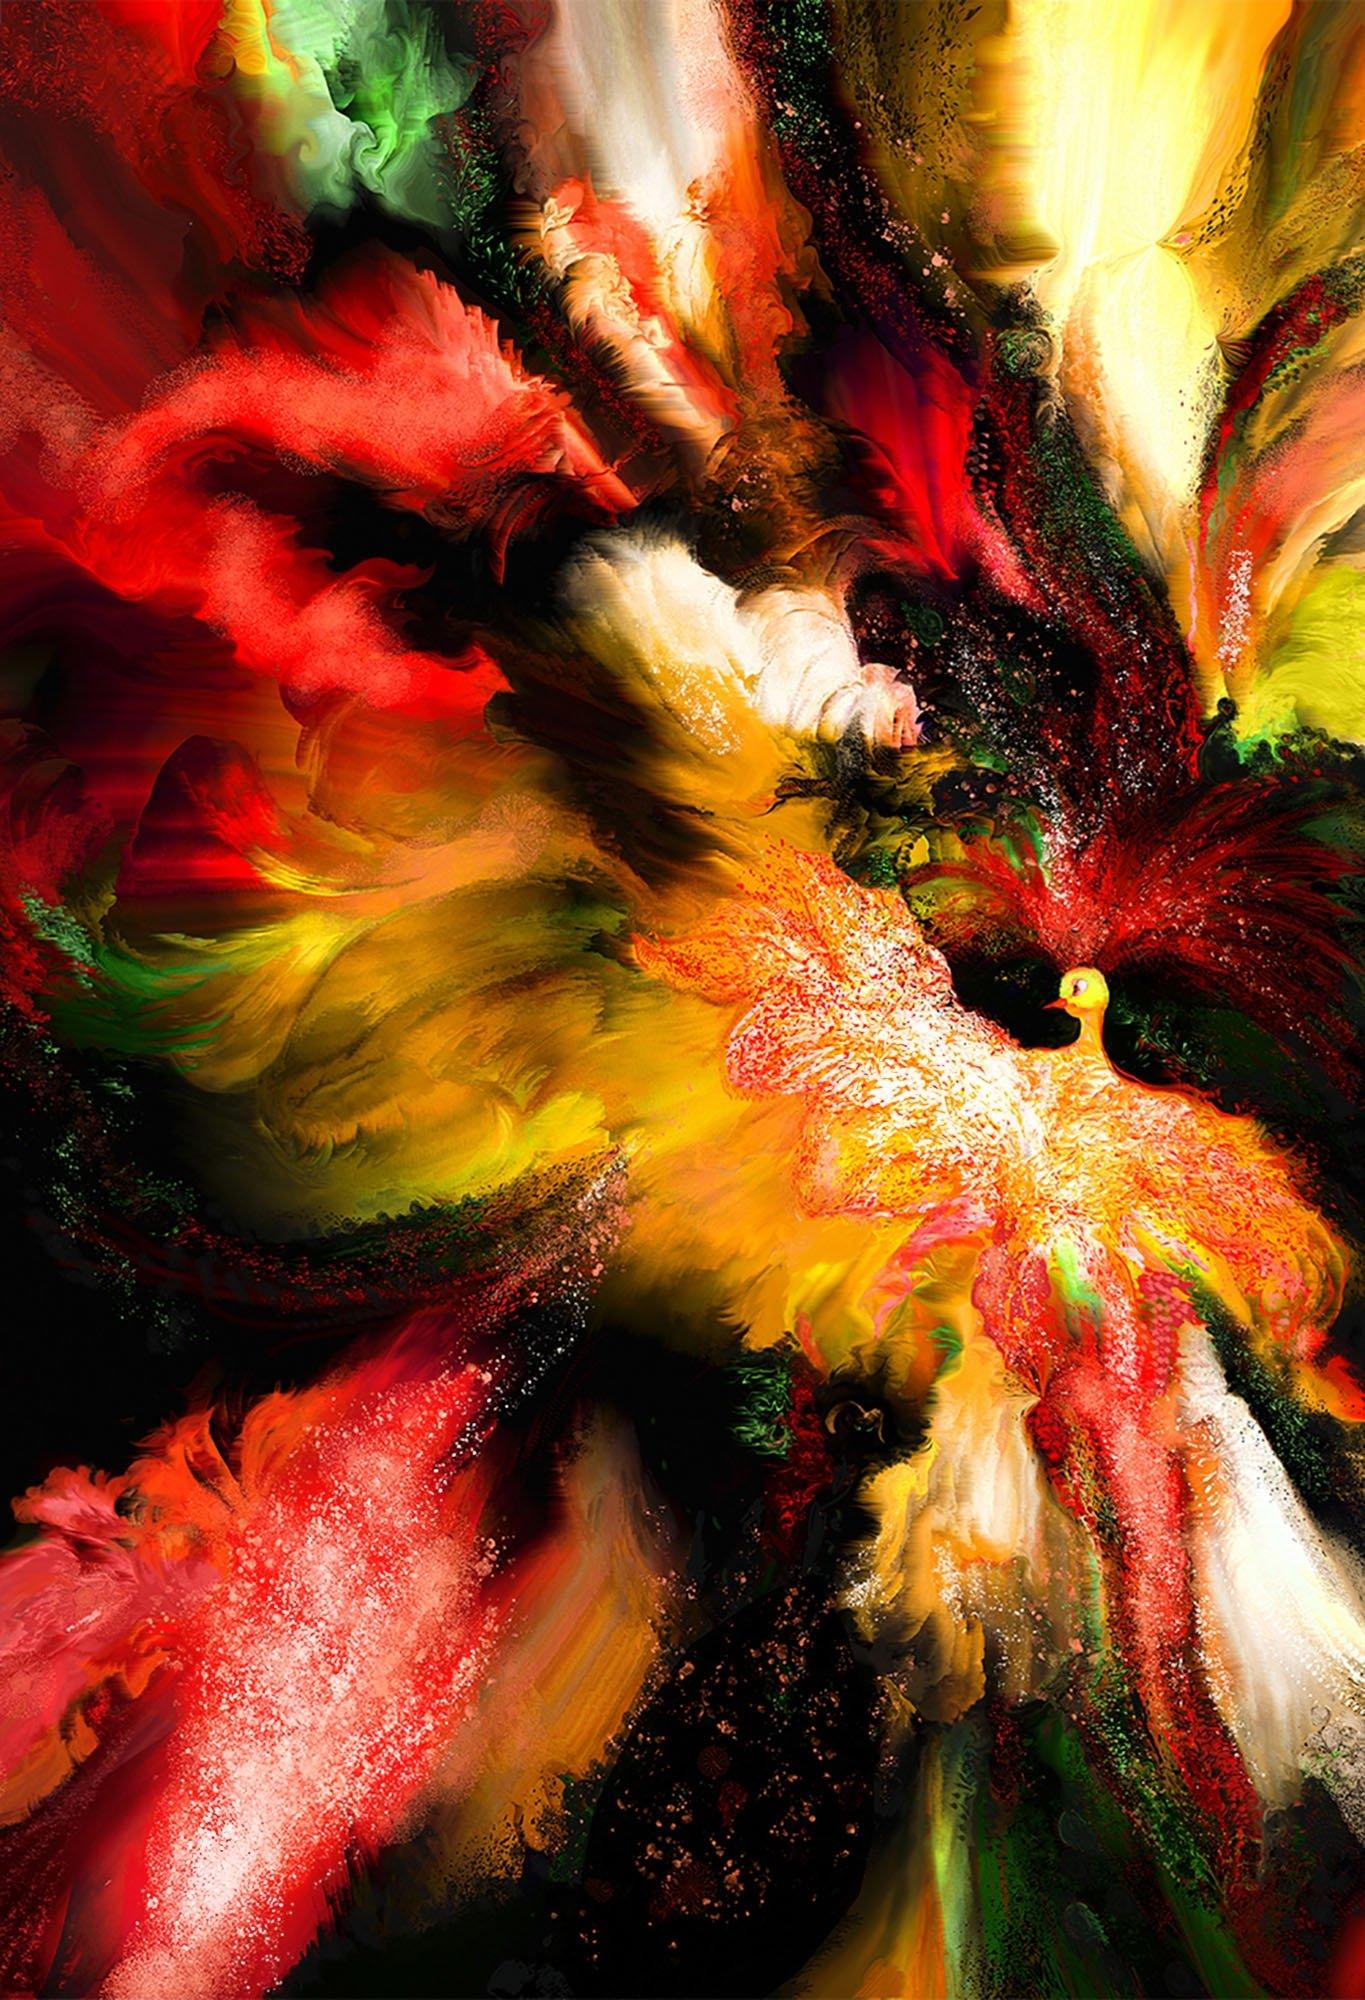 Yasemin Cengiz Çağatay, 'Peacock Angel,' mixed media, 86 by 120 centimeters. (Courtesy of Contemporary Istanbul)